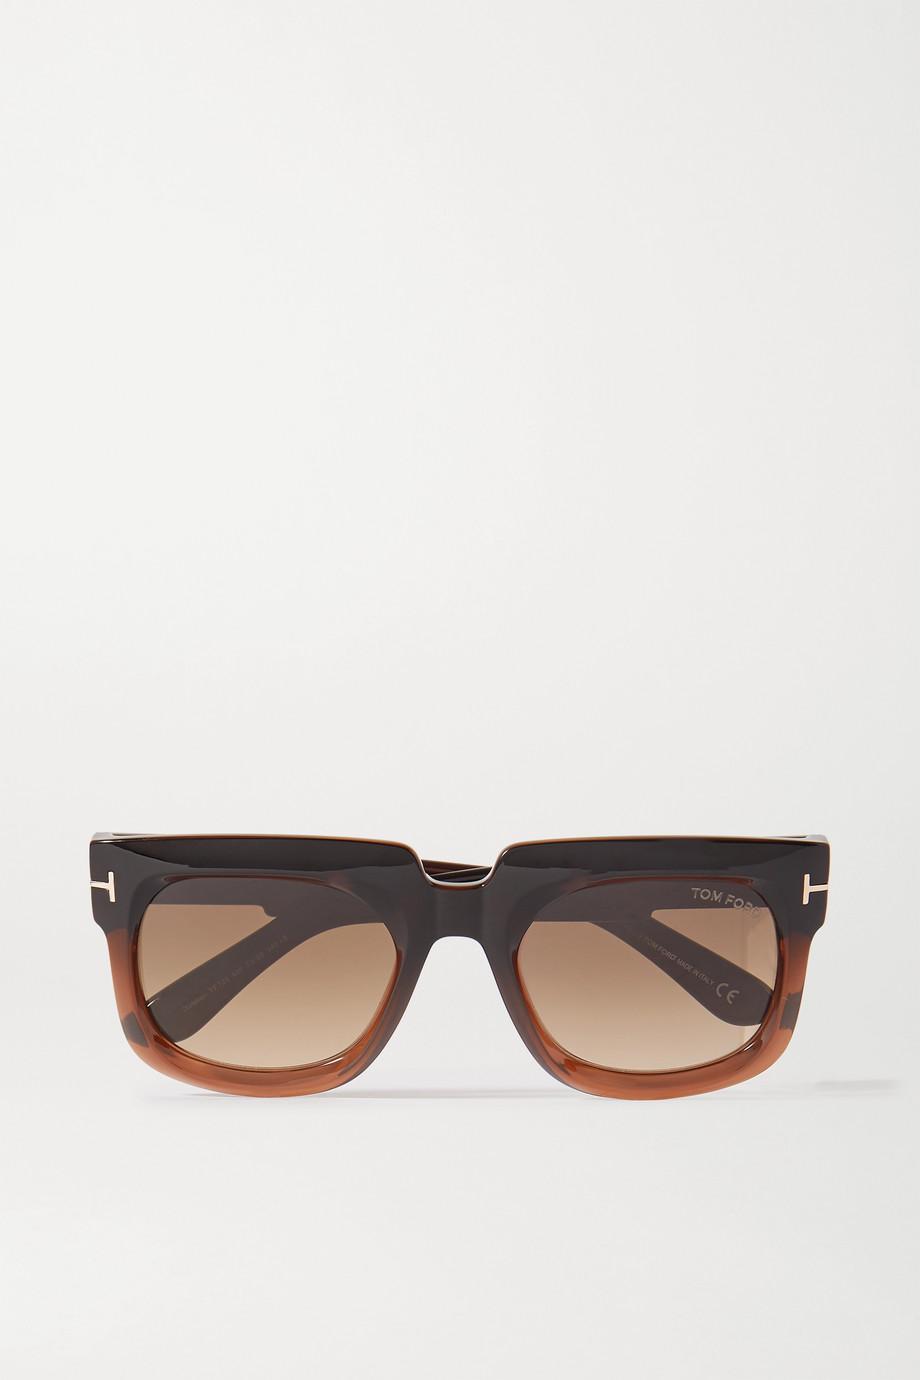 TOM FORD Sonnenbrille mit D-Rahmen aus Azetat mit Farbverlauf